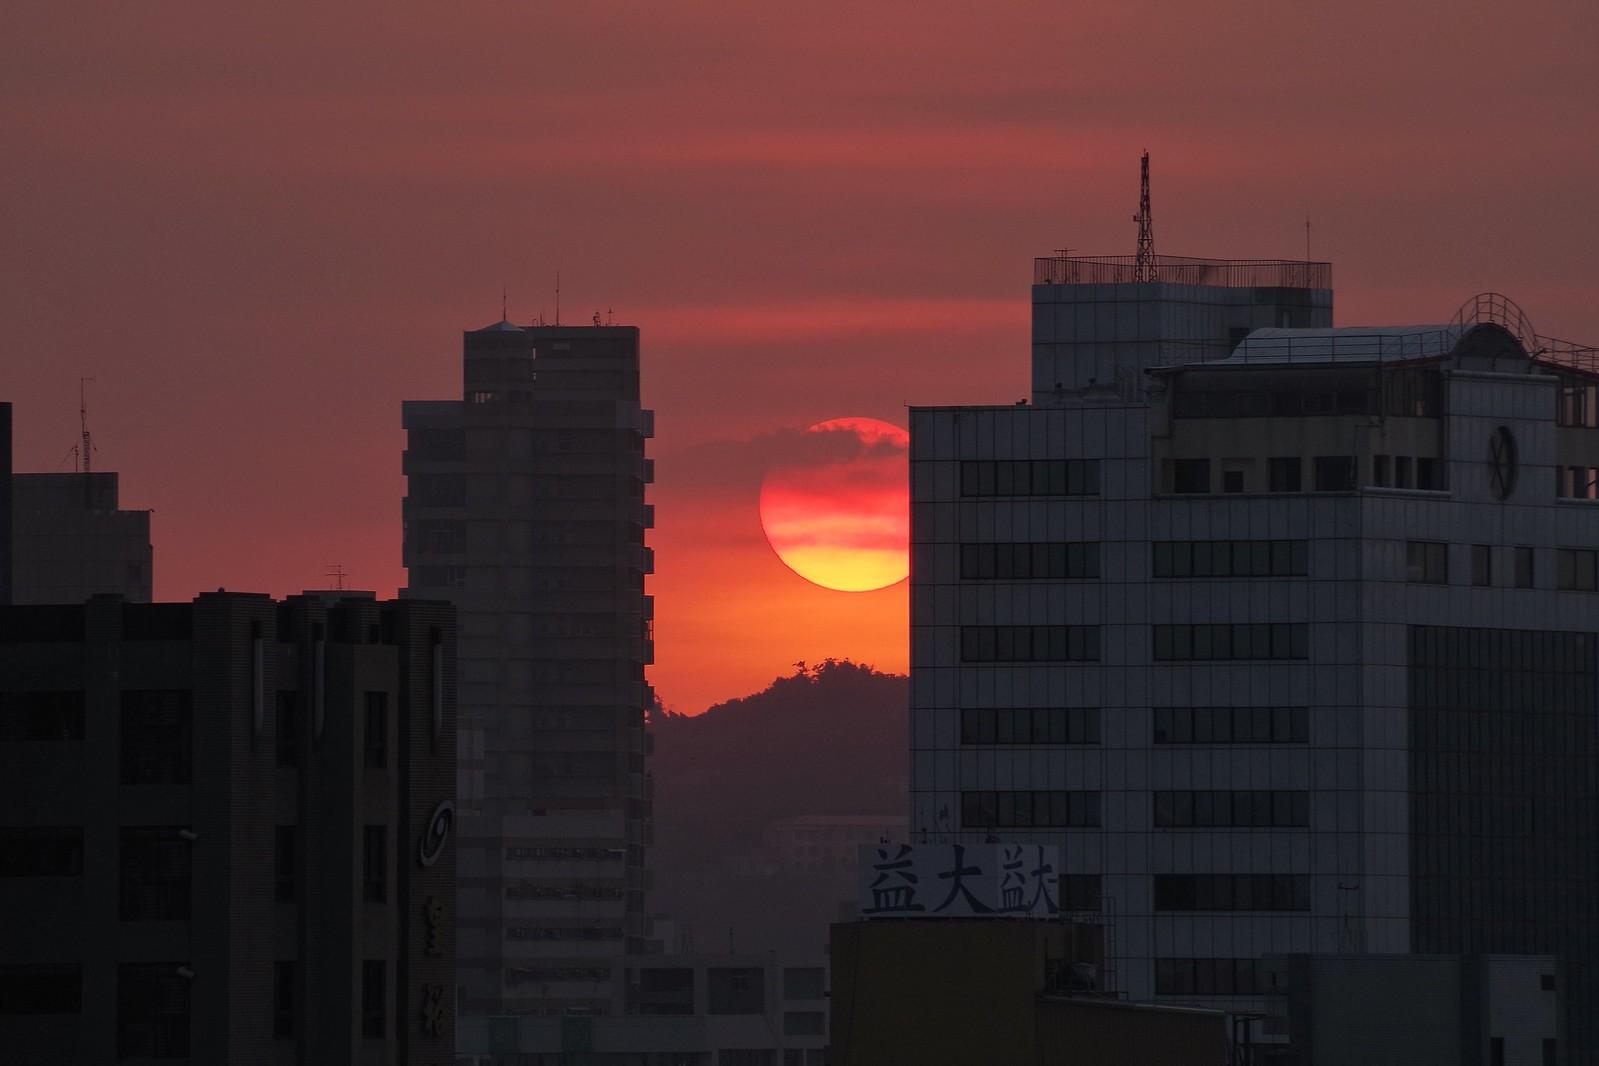 久違的夕陽餘暉